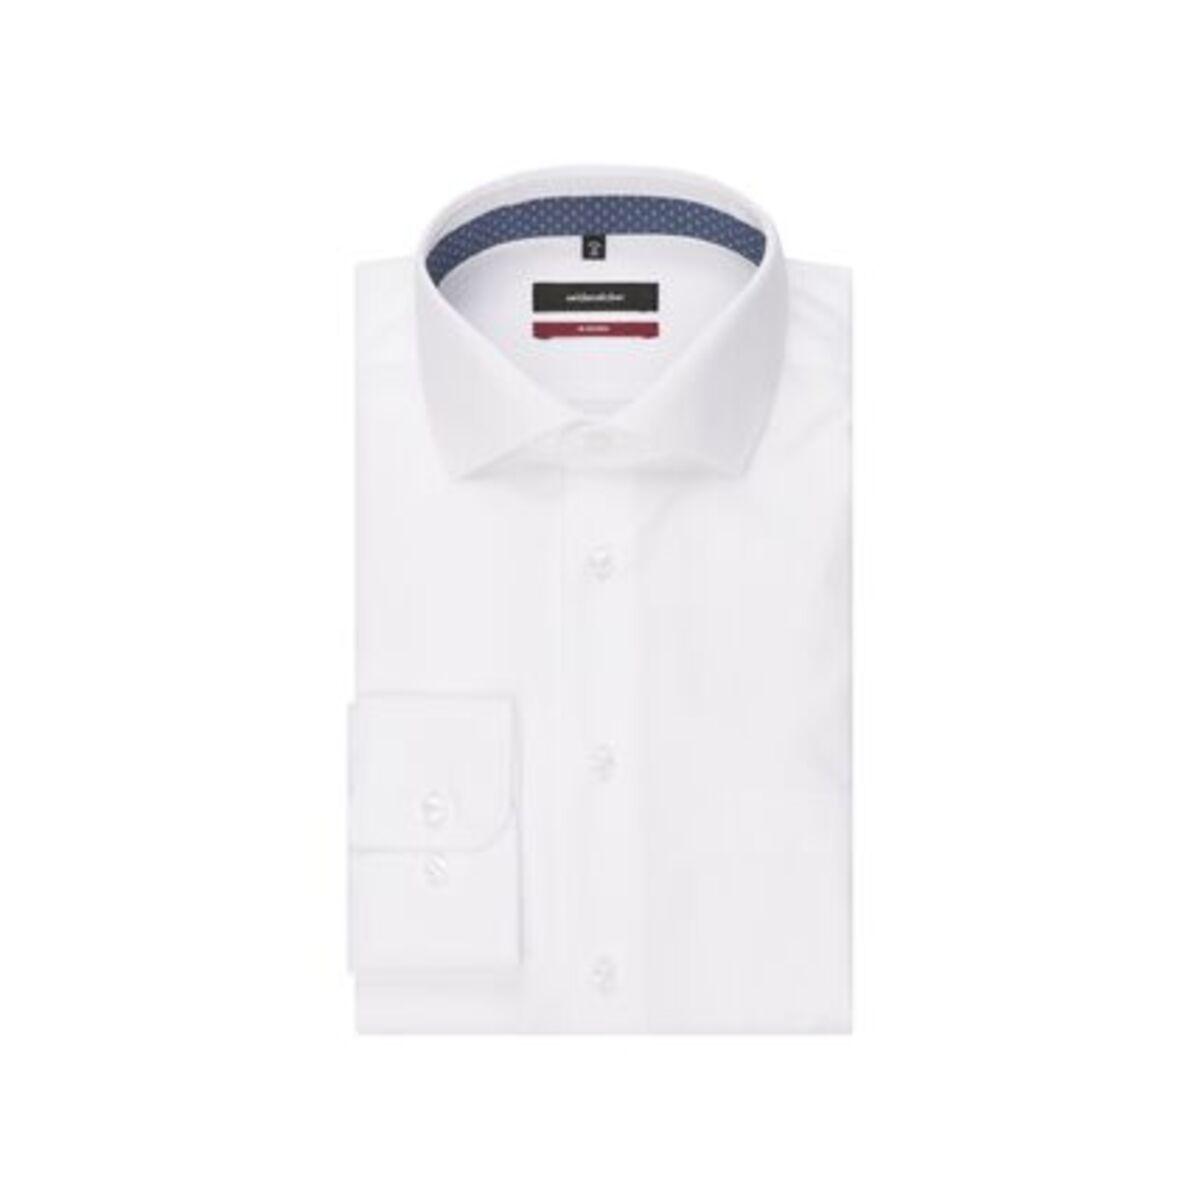 Bild 3 von Seidensticker Business Hemd Modern Langarm Kentkragen Streifen, Weiß, weiß, 46, 46